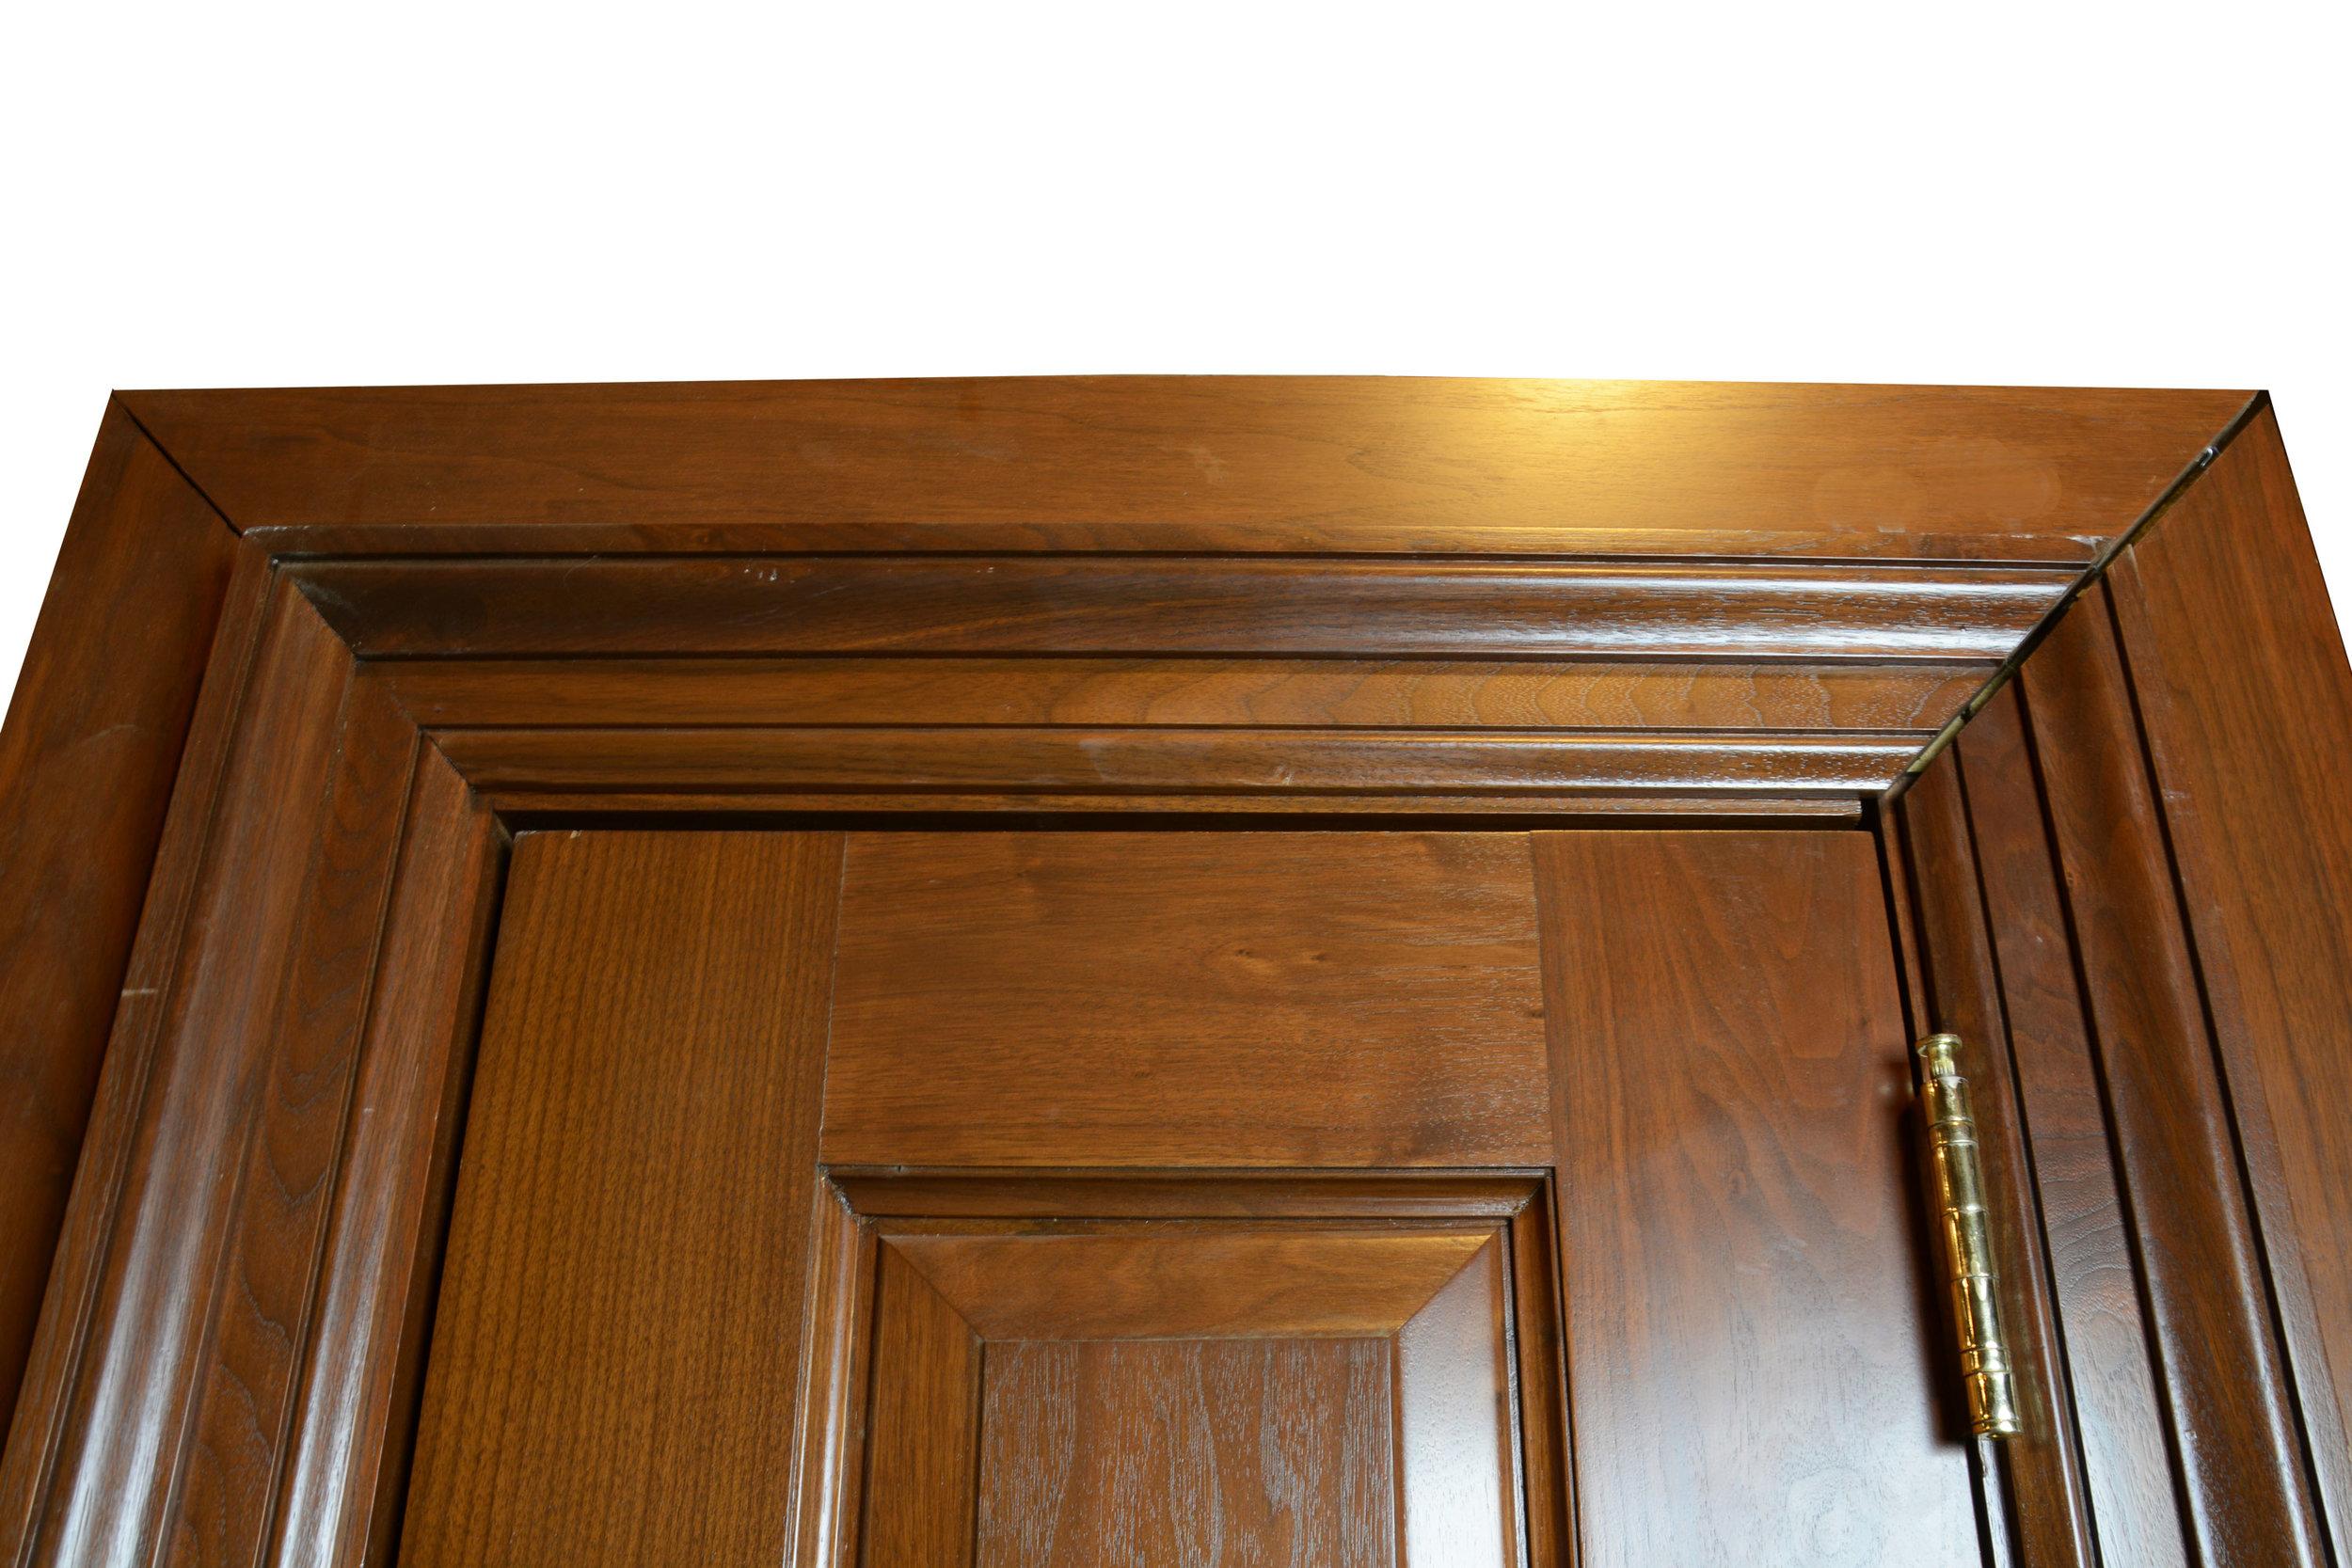 42263-walnut-closet-door-TOP.jpg